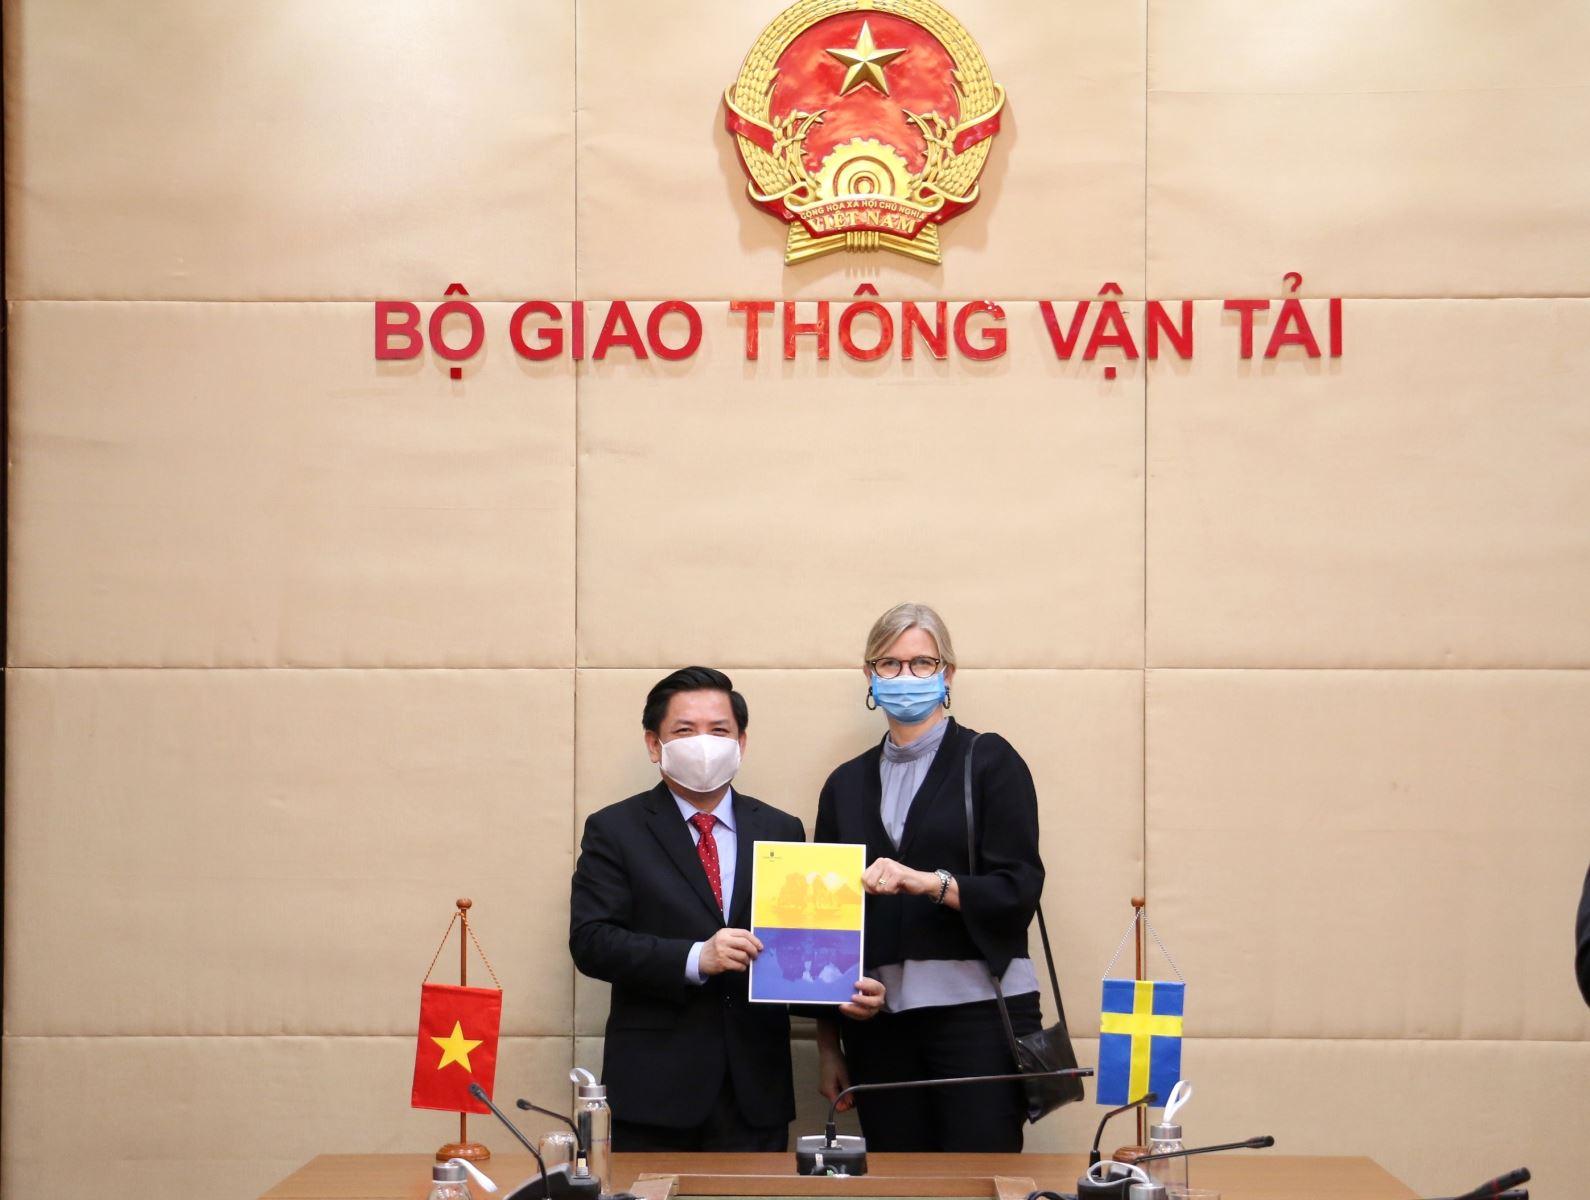 Thụy Điển đề xuất cho Việt Nam vay 2 tỉ USD phát triển sân bay Long Thành, nhà ga Tân Sơn Nhất - Ảnh 1.